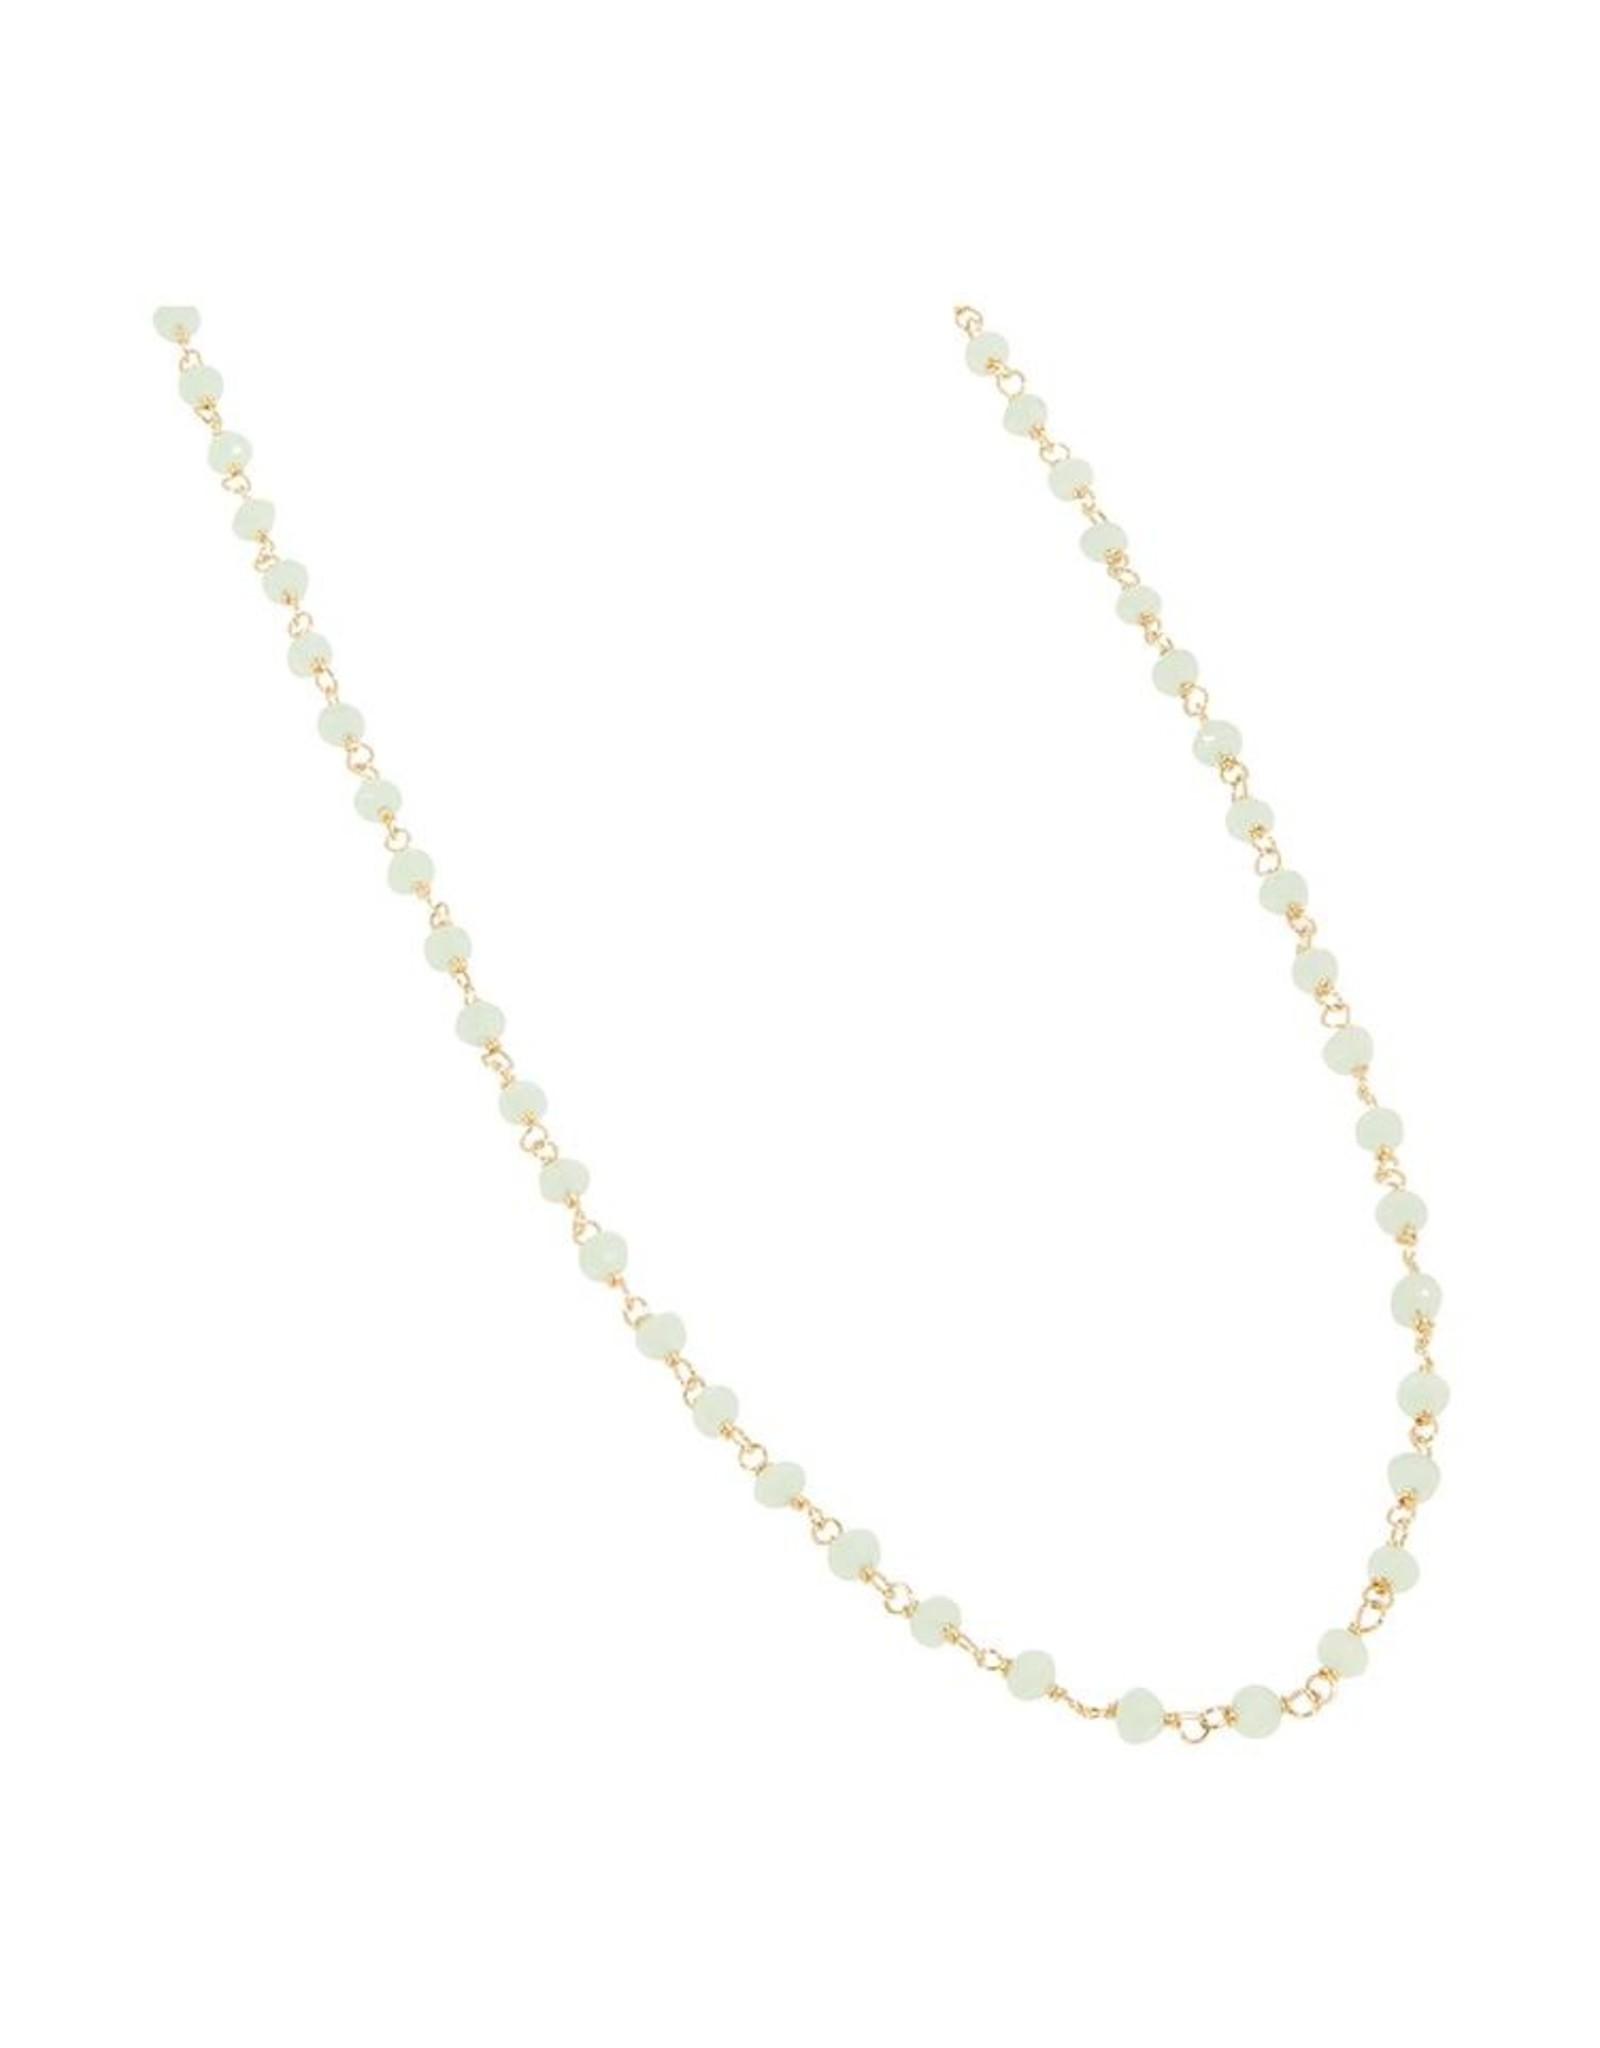 Halskette Little Stones 925 Silber vergoldet